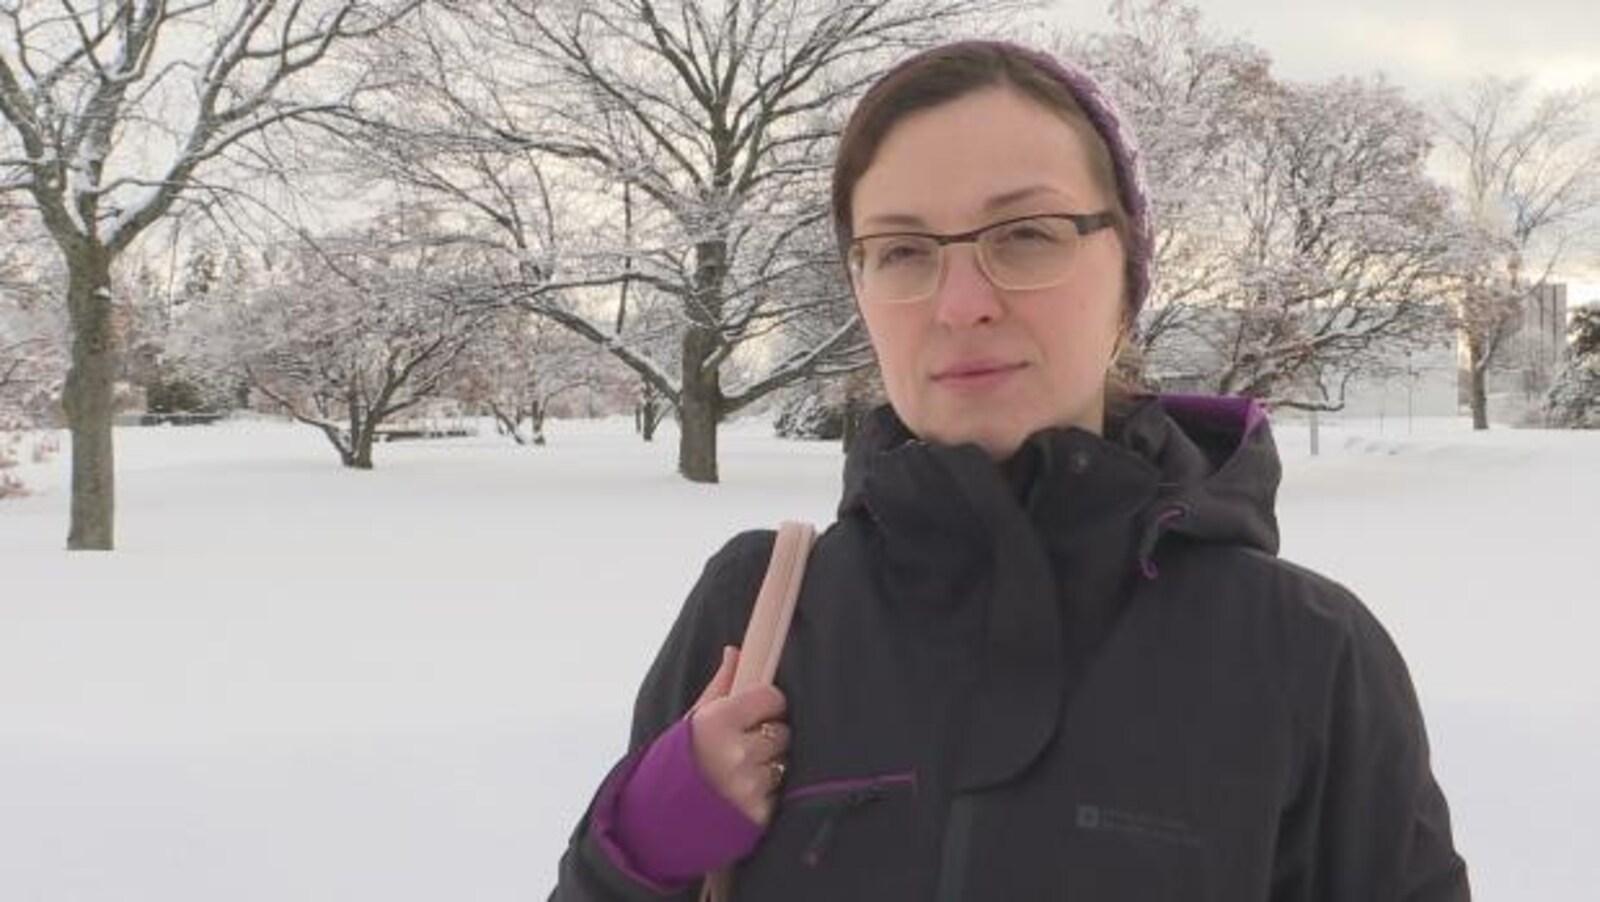 Olena Stetskevych souhaite faire immigrer ses parents ukrainiens au Canada.